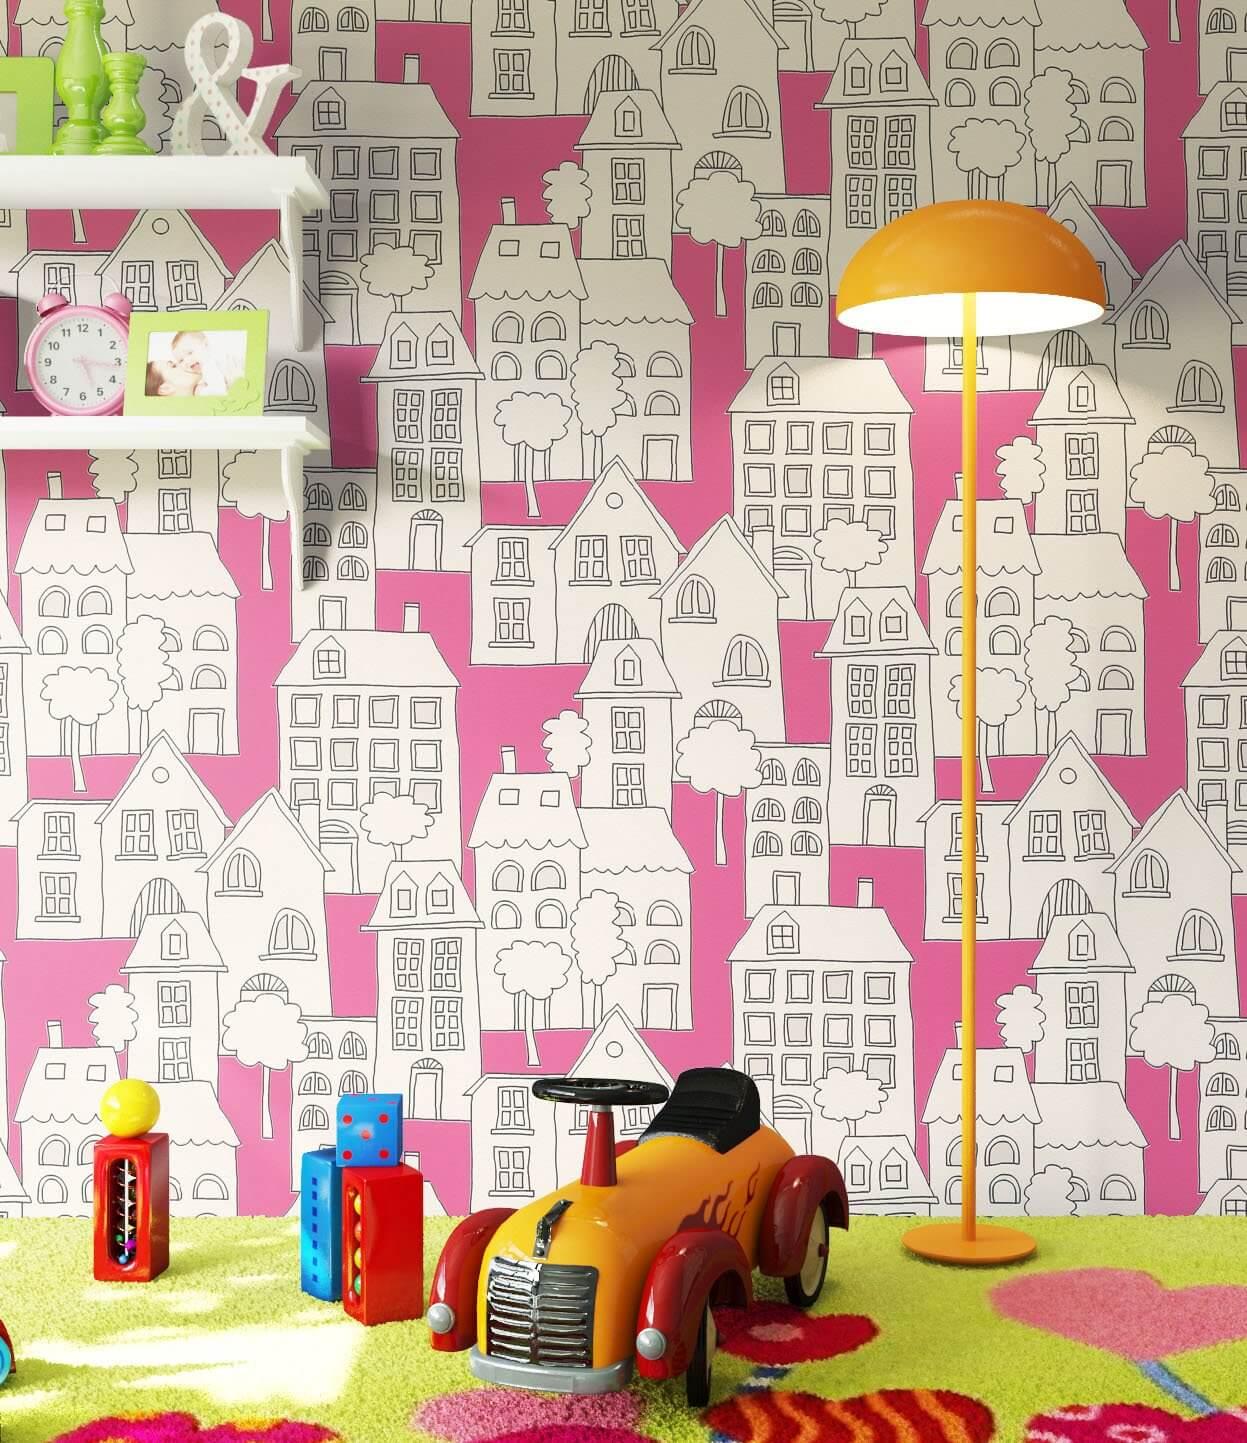 vliestapete pink kinder h user kinder newroom. Black Bedroom Furniture Sets. Home Design Ideas